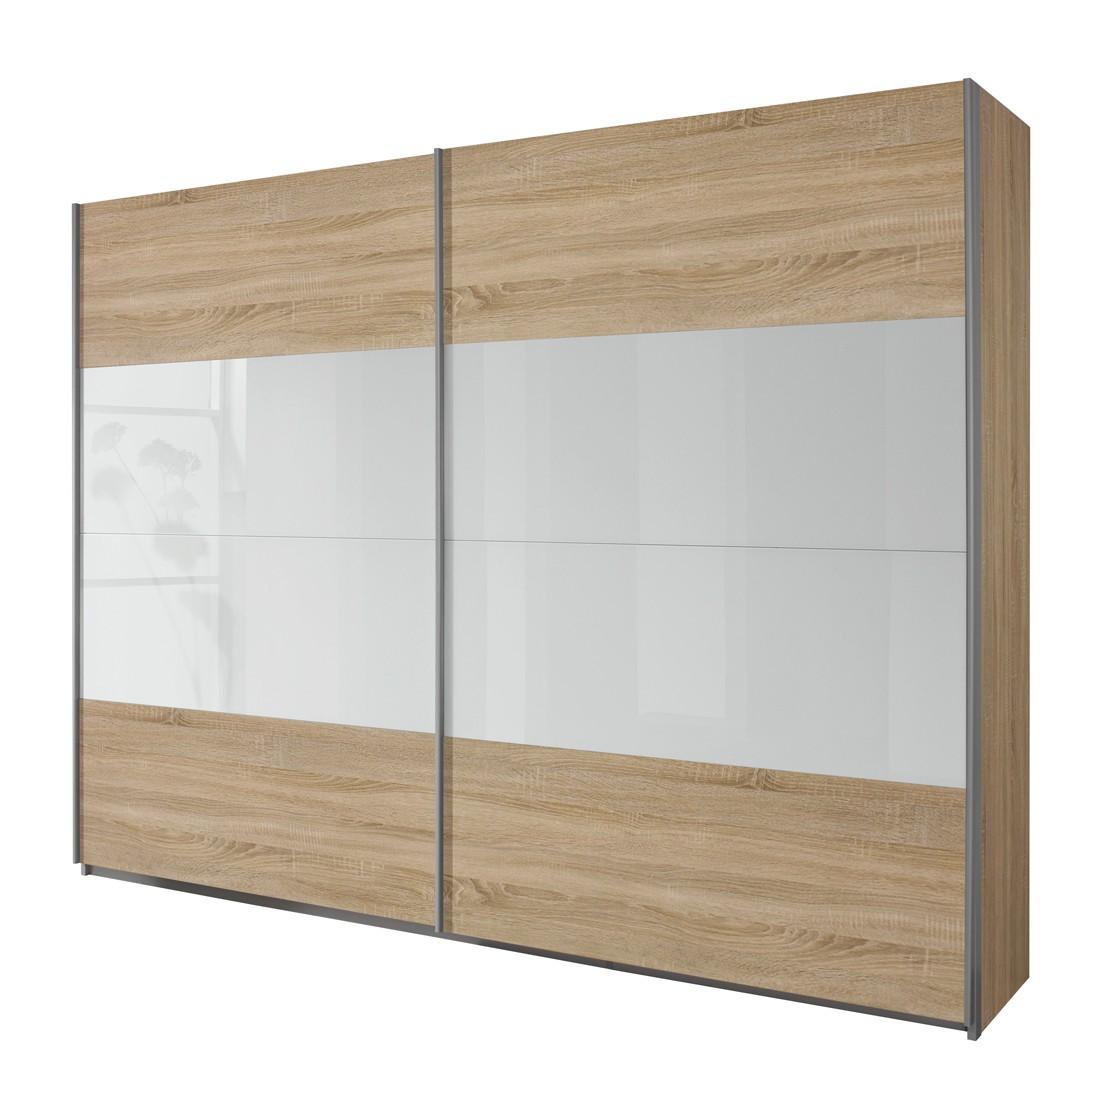 Schwebetürenschrank Quadra – Eiche Sonoma/Glas Weiß – Breite x Höhe: 315 x 230 cm, Rauch Pack´s günstig online kaufen